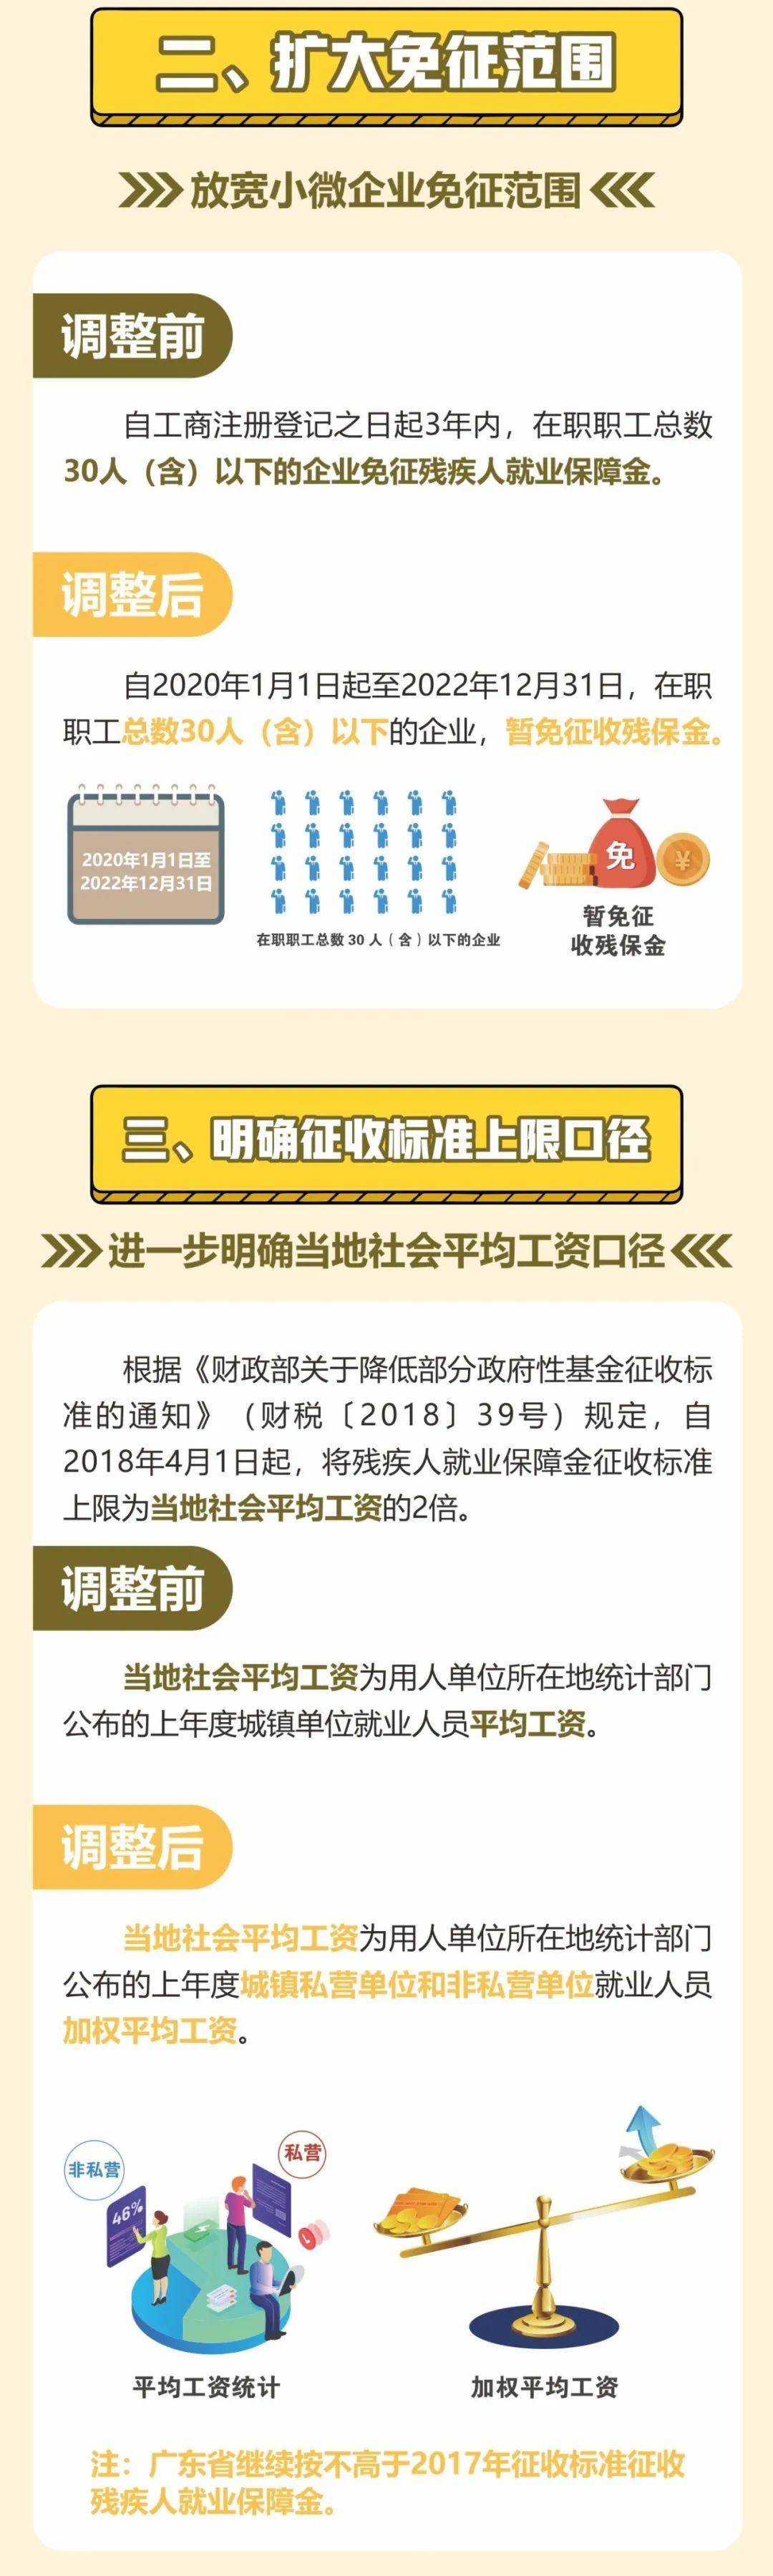 一图看懂2020年广东省残疾人就业保障金征收四大新变化插图(2)